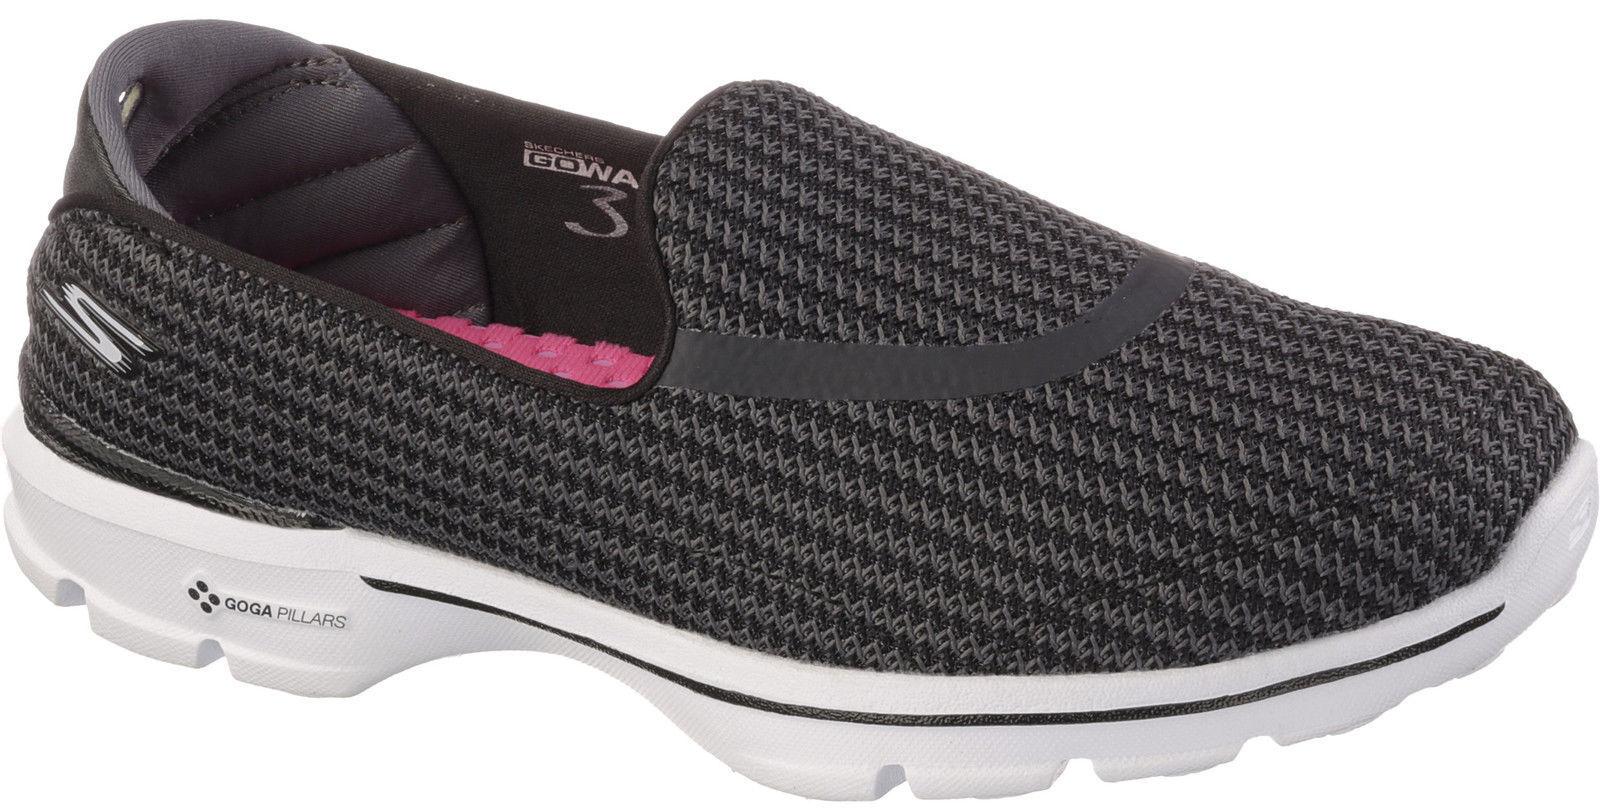 NOUVELLES FEMMES Skechers Go Walk 3 Noir à Enfiler Goga Tapis Chaussures